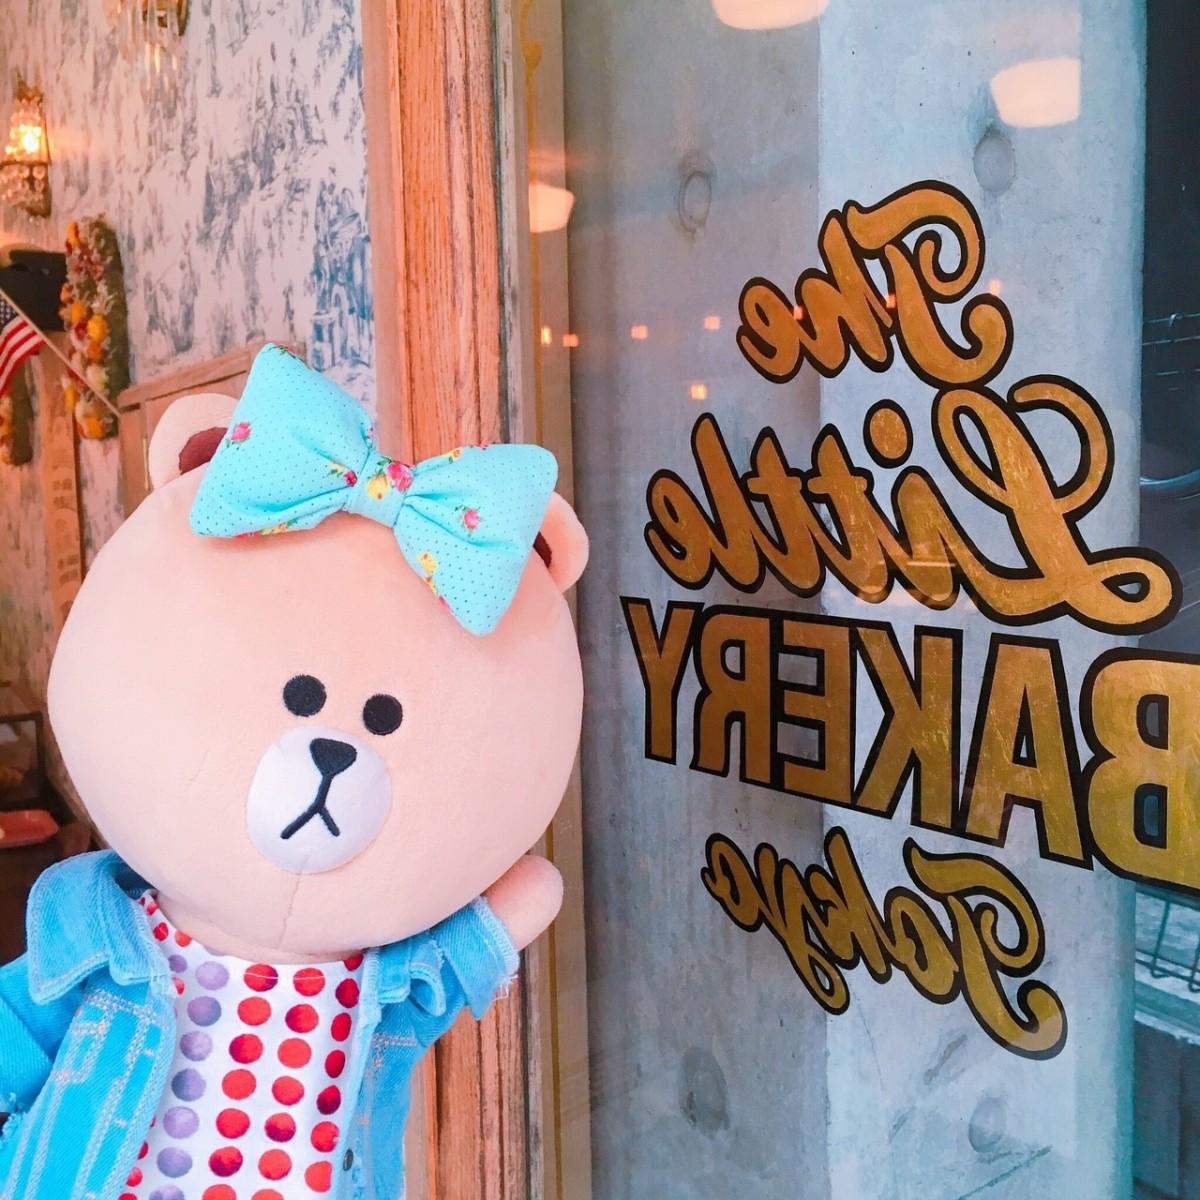 Chocoの おいしいは正義 Vol 58 The Little Bakery Tokyo レトロアメリカンなおしゃれベーカーリー Glamjp グラム